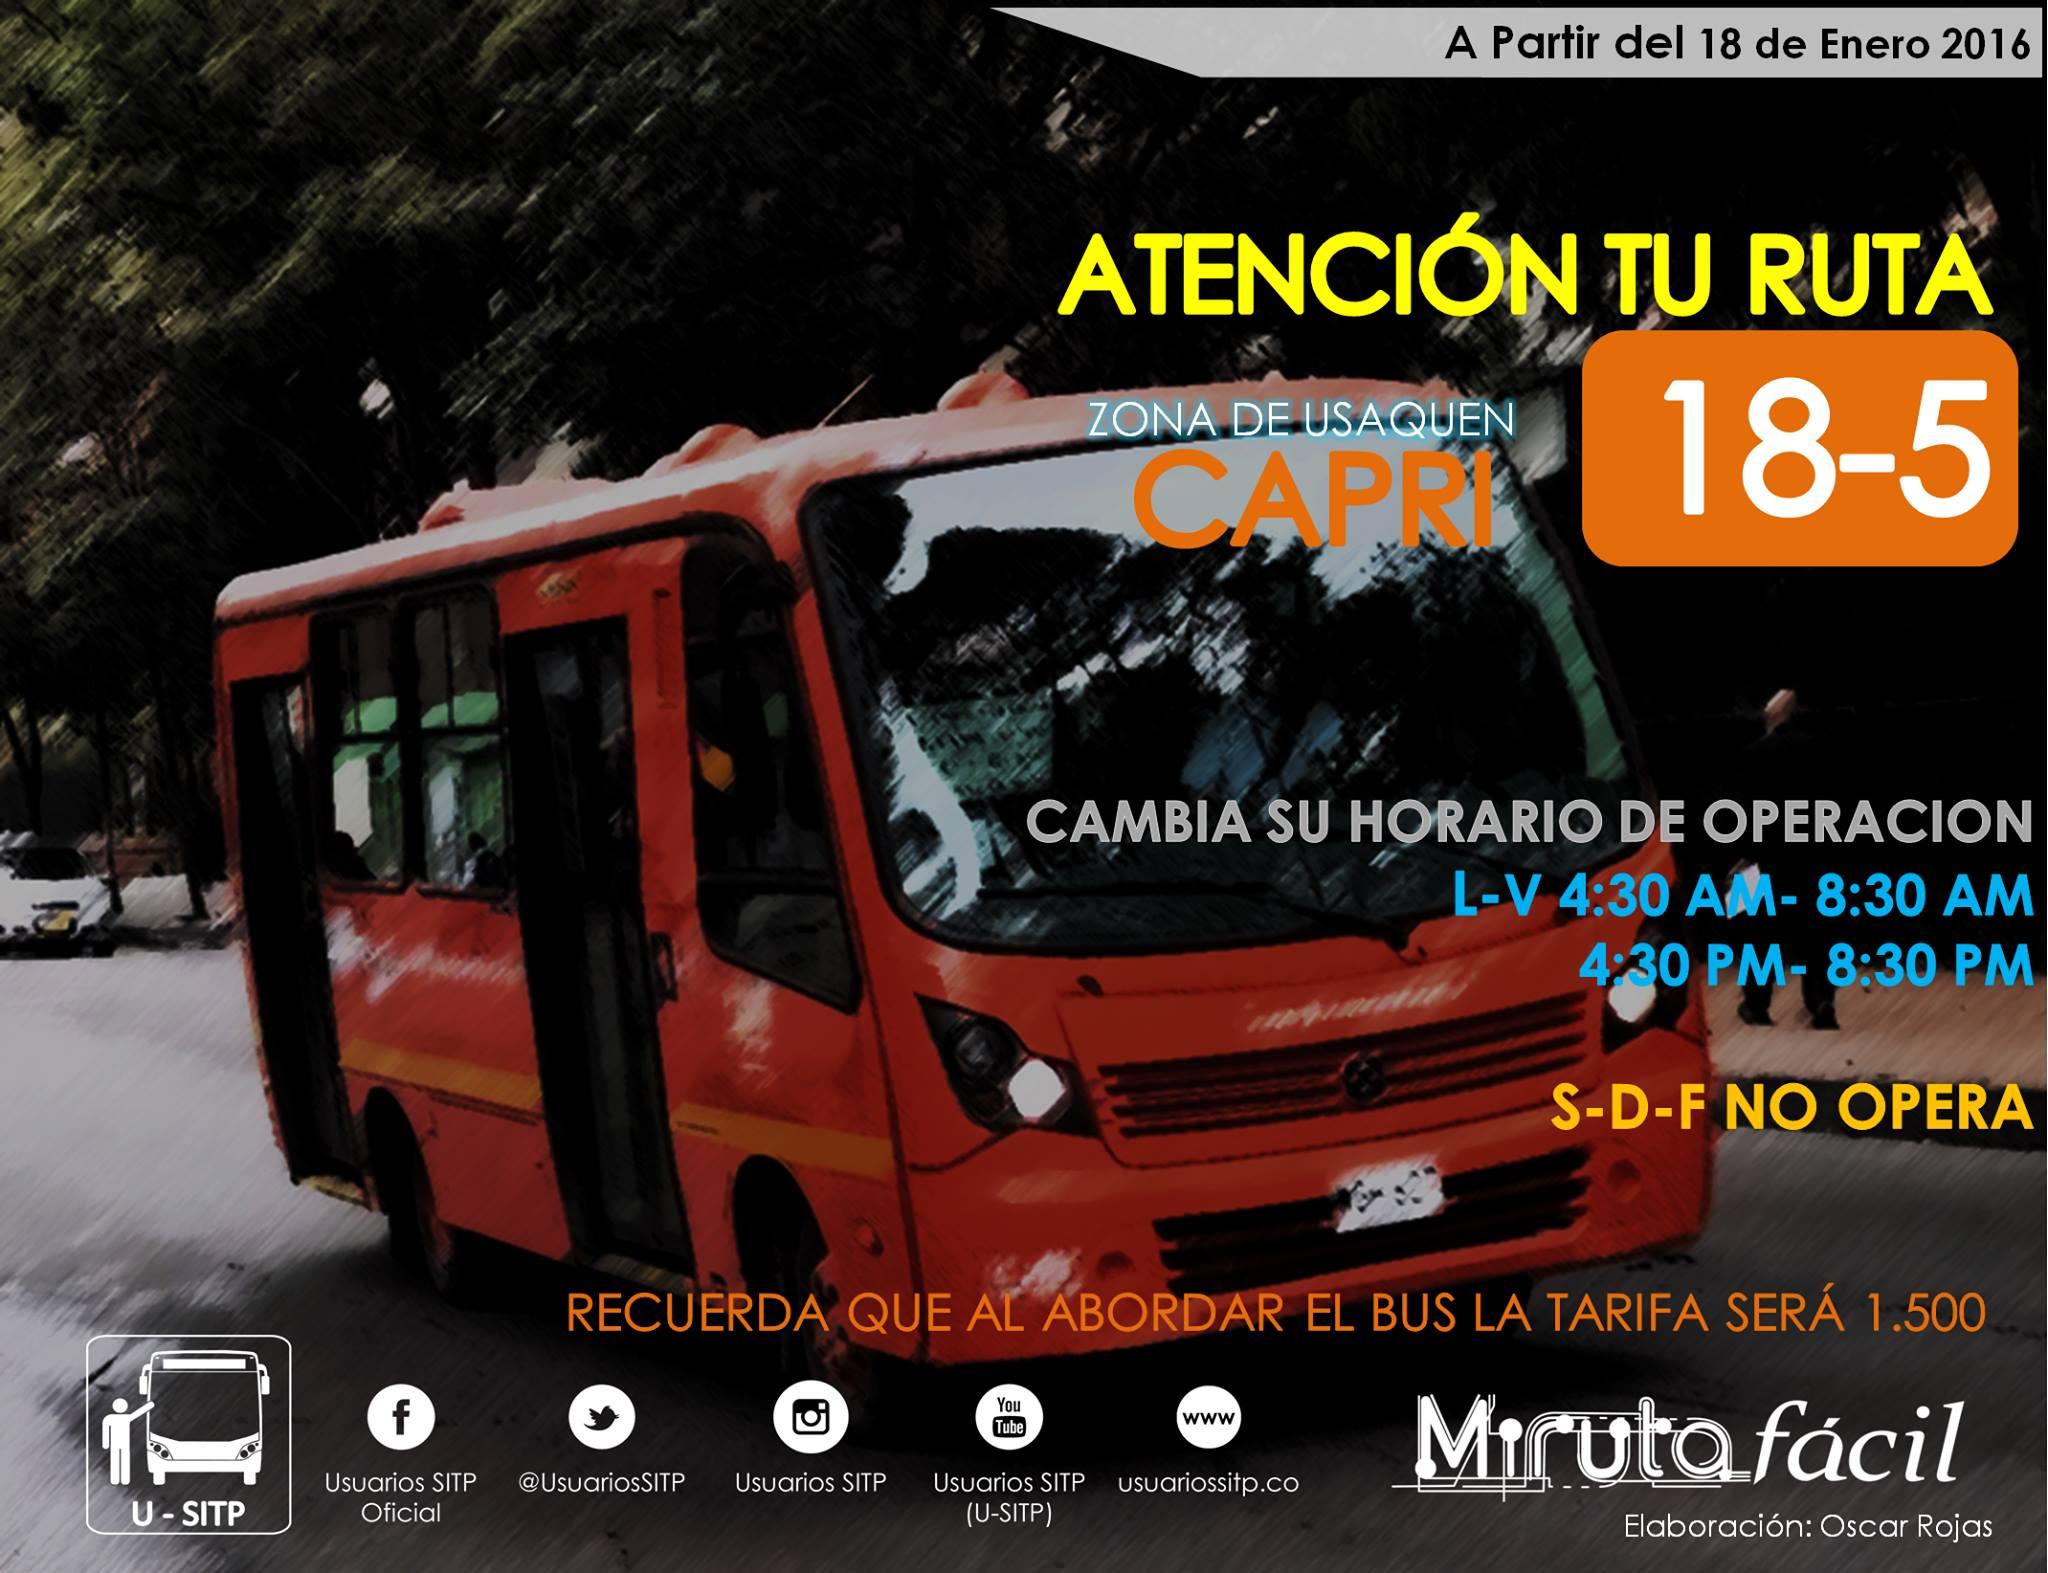 18-5 Capri, naranja, sólo operará entre semana y en horas pico